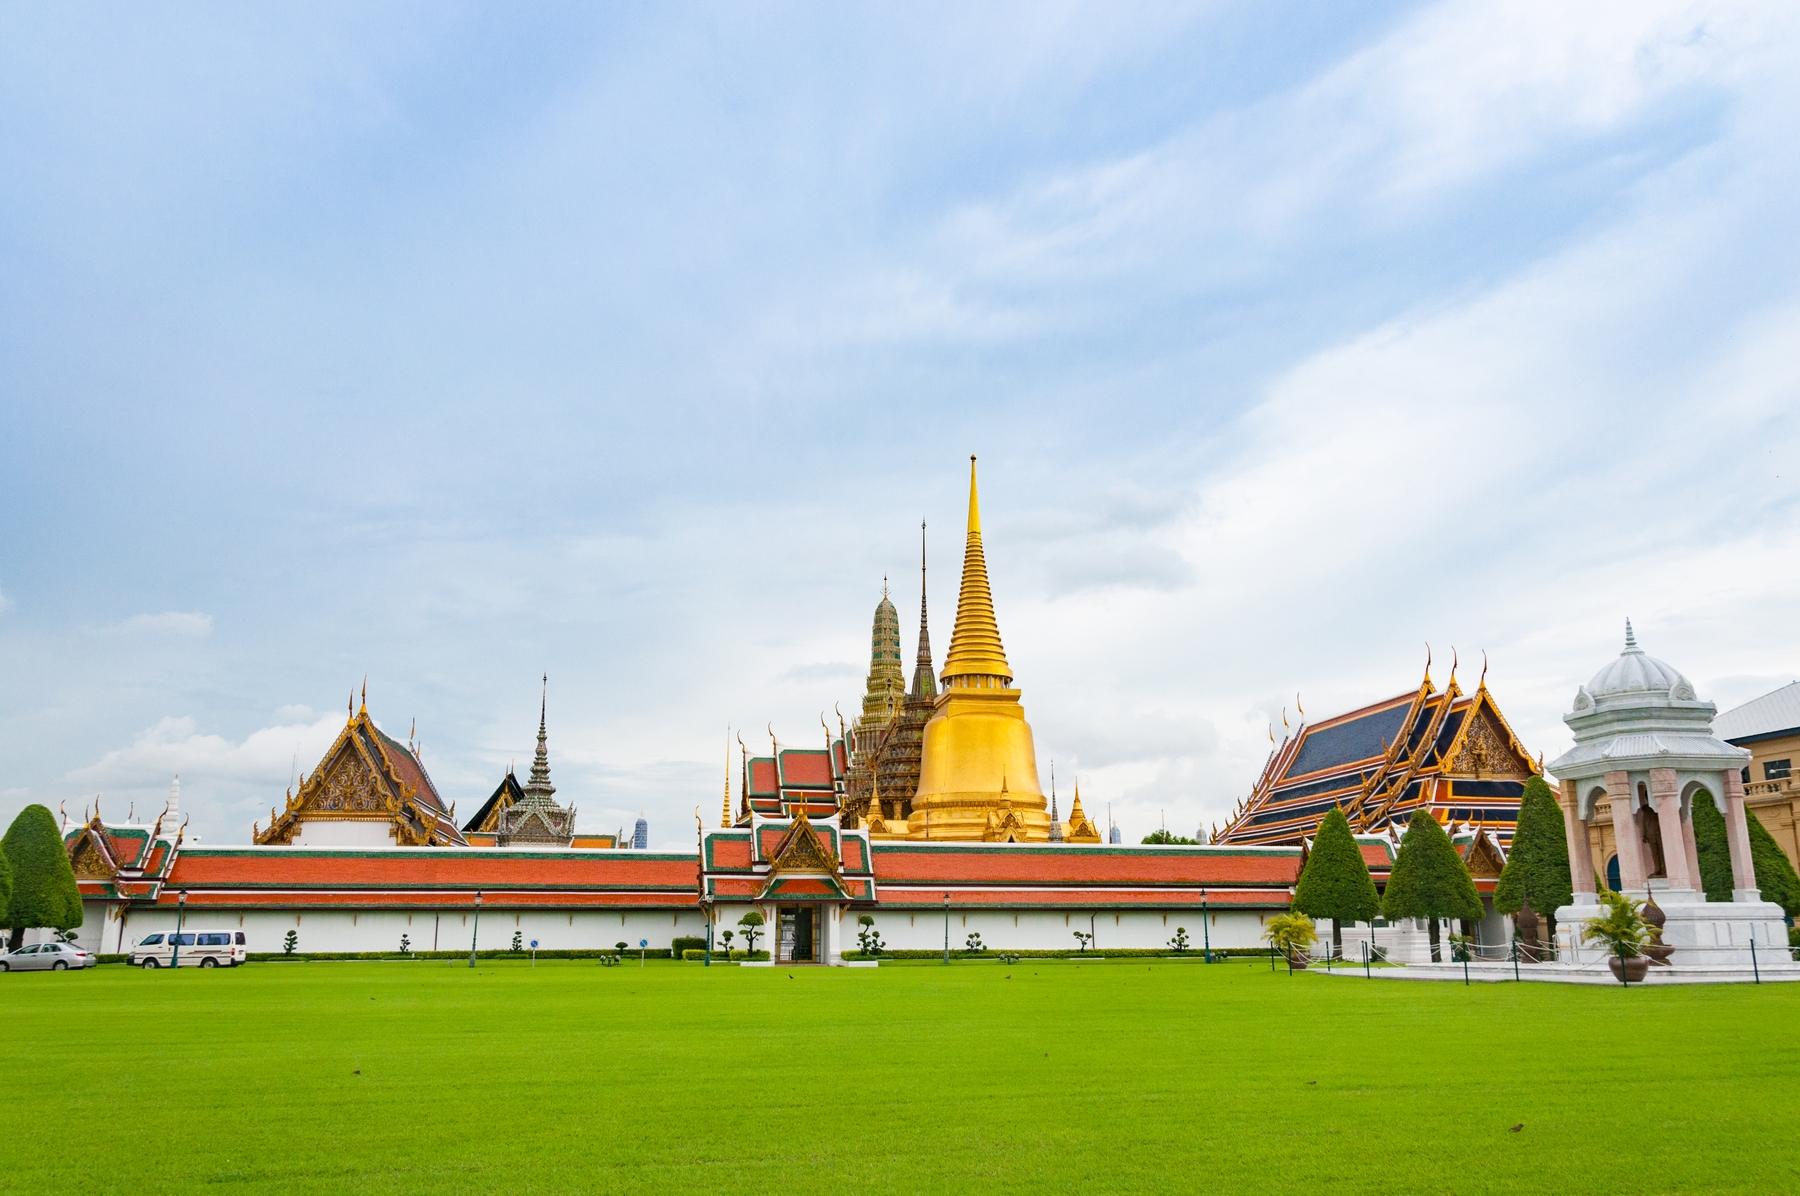 攜帶外幣進出入境泰國,金額超過等值2萬美元需填寫申報單並向其海關申報。